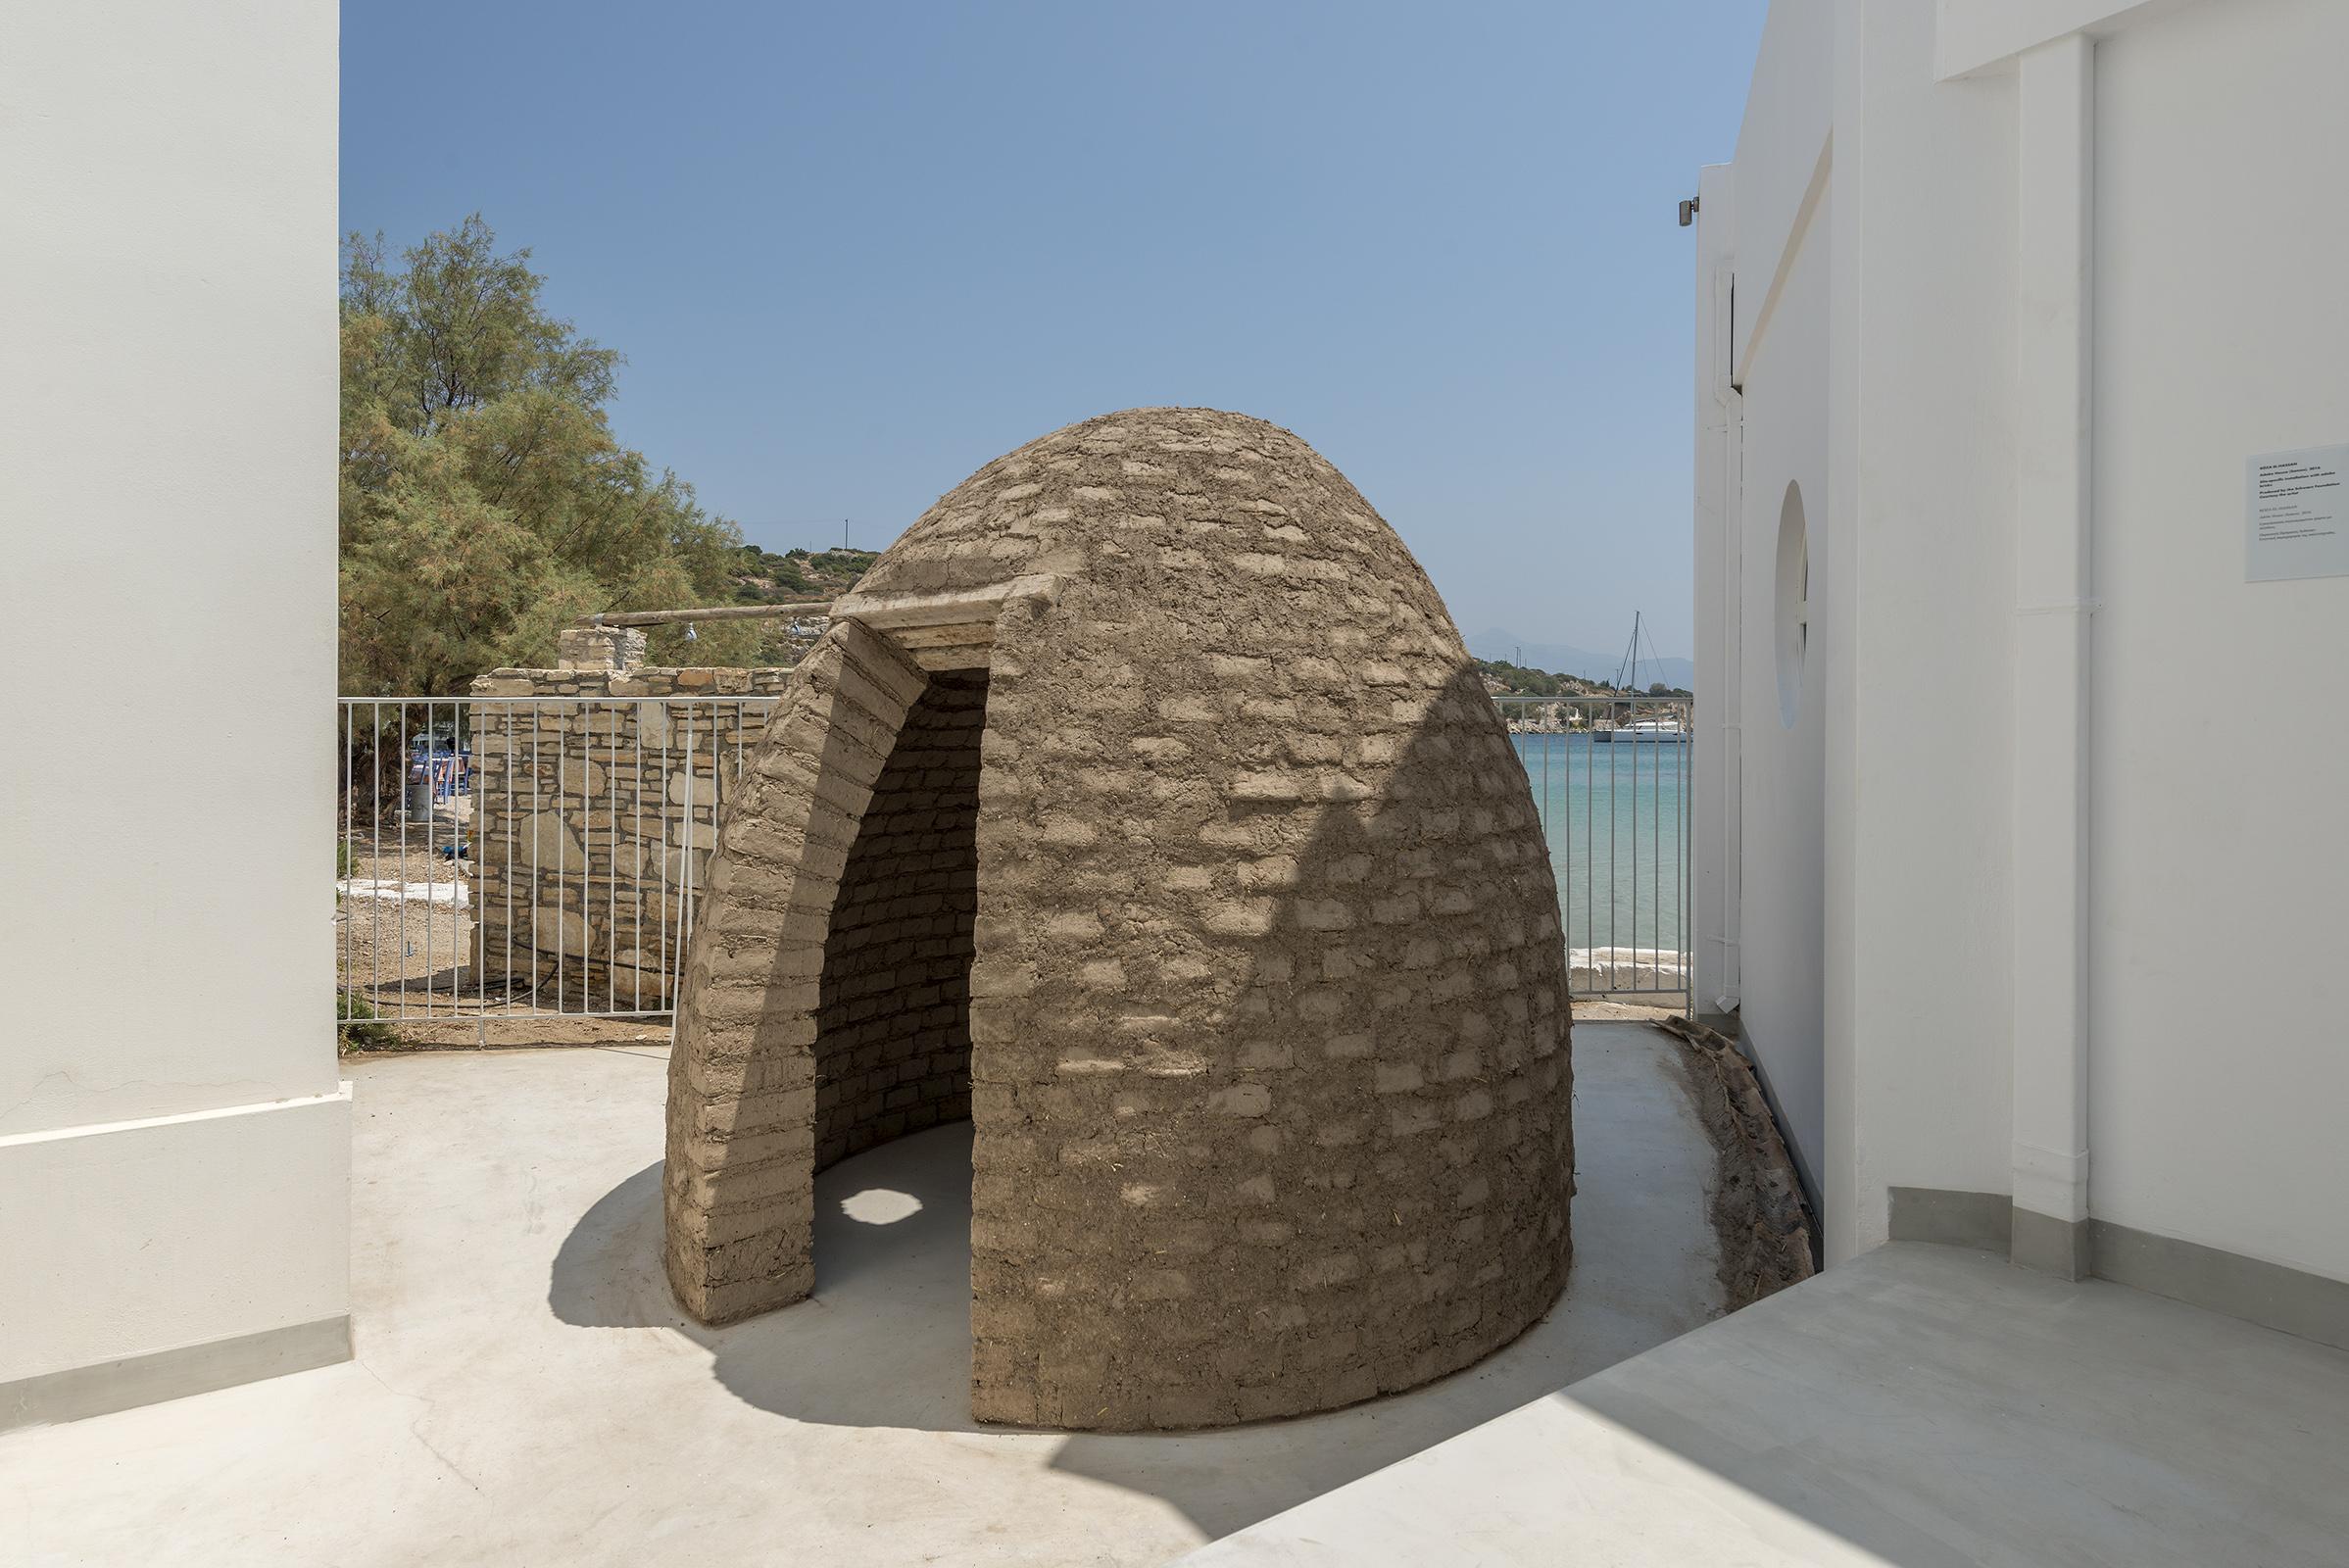 Πλίνθινη κατασκευή της Ρόζα ελ Χασάν